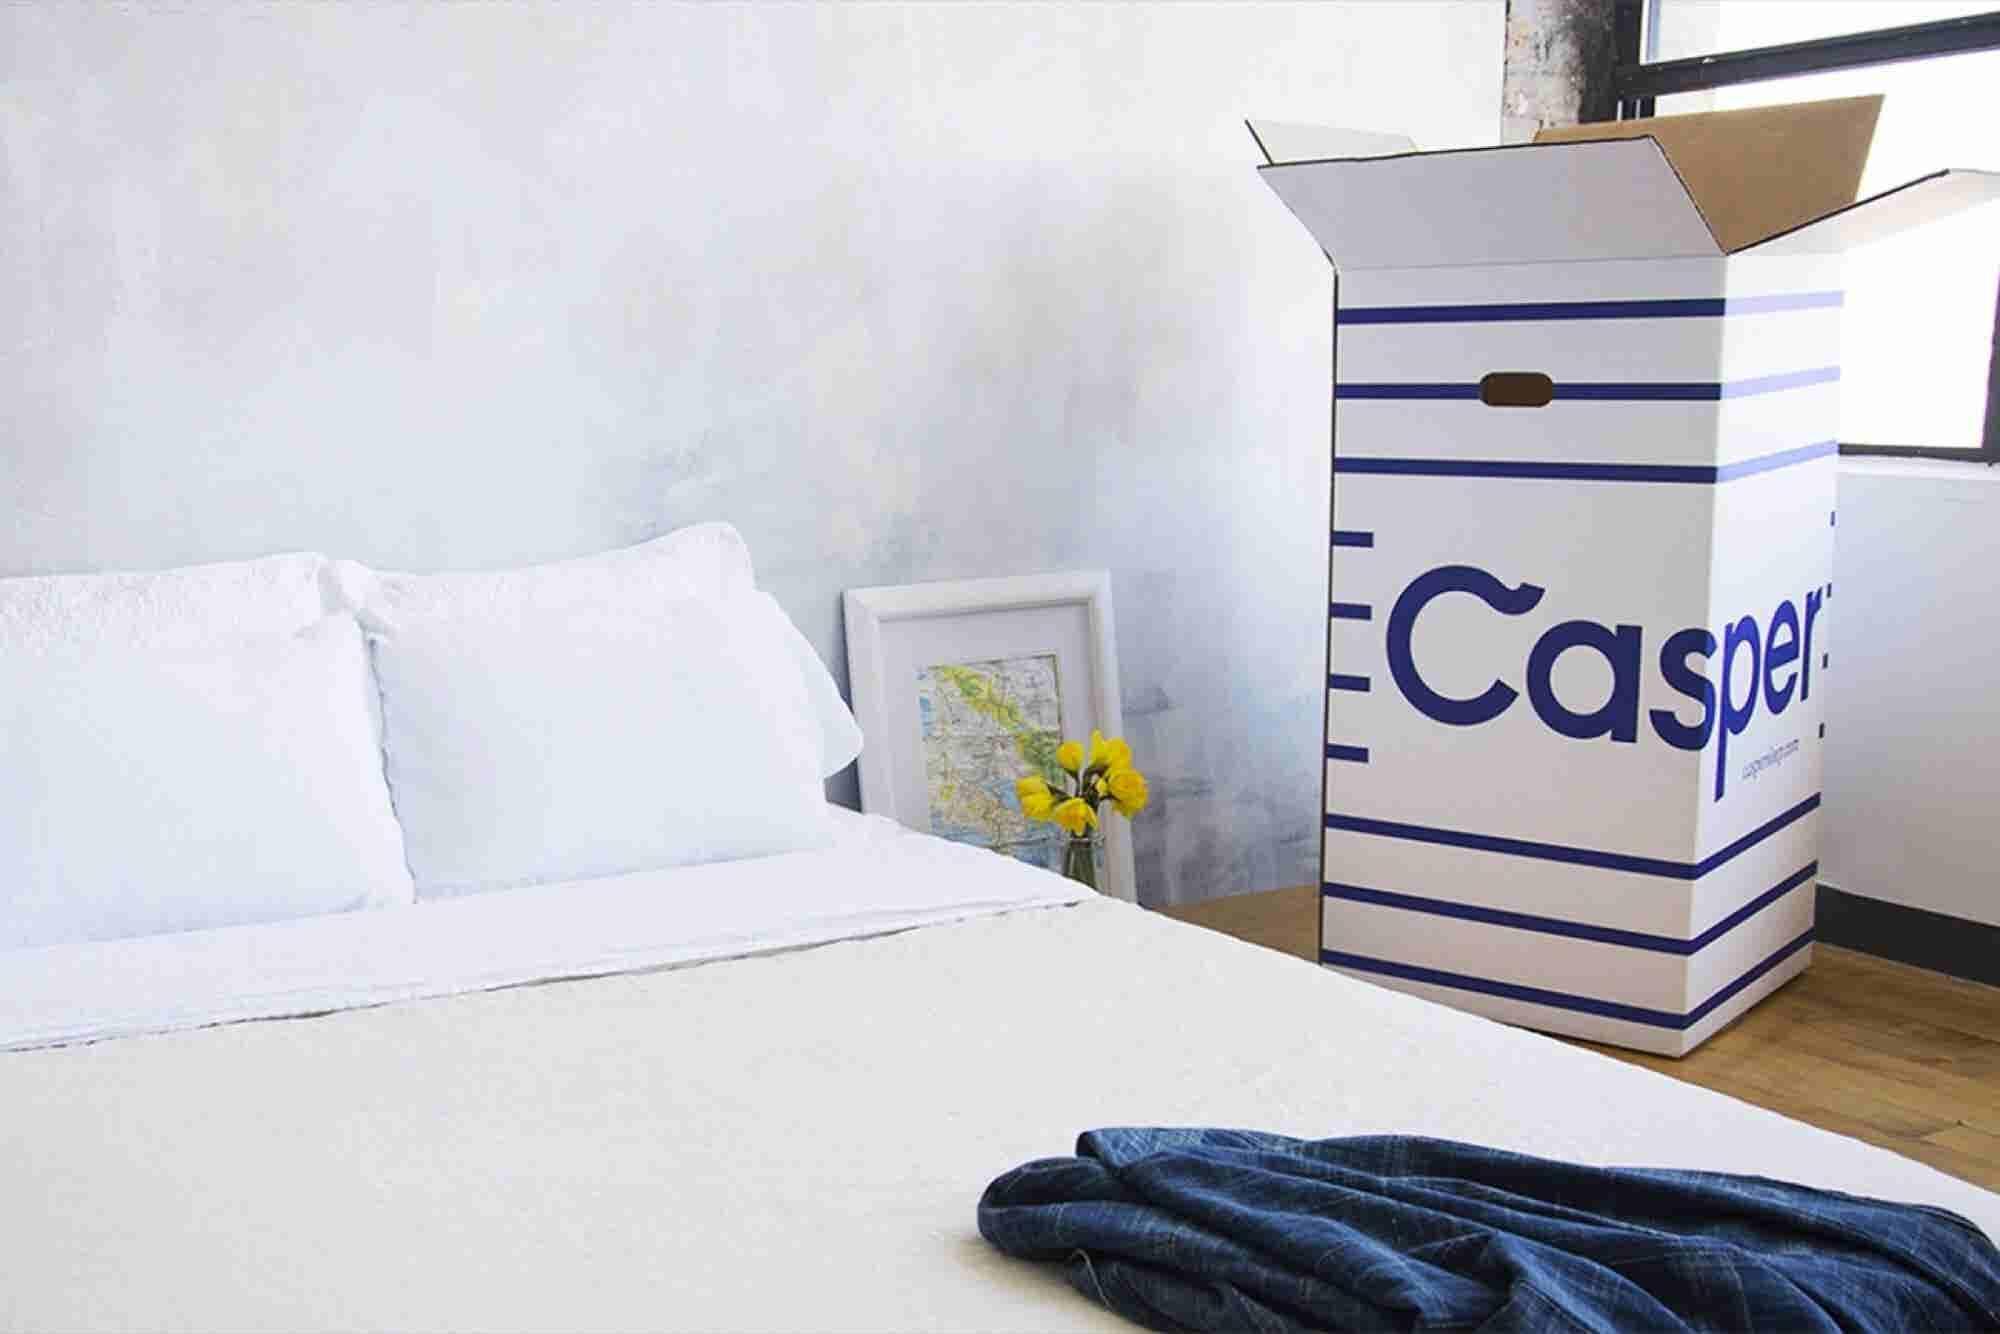 Sleep Startup Casper Is Reimagining Labor Day Mattress Sales With This...